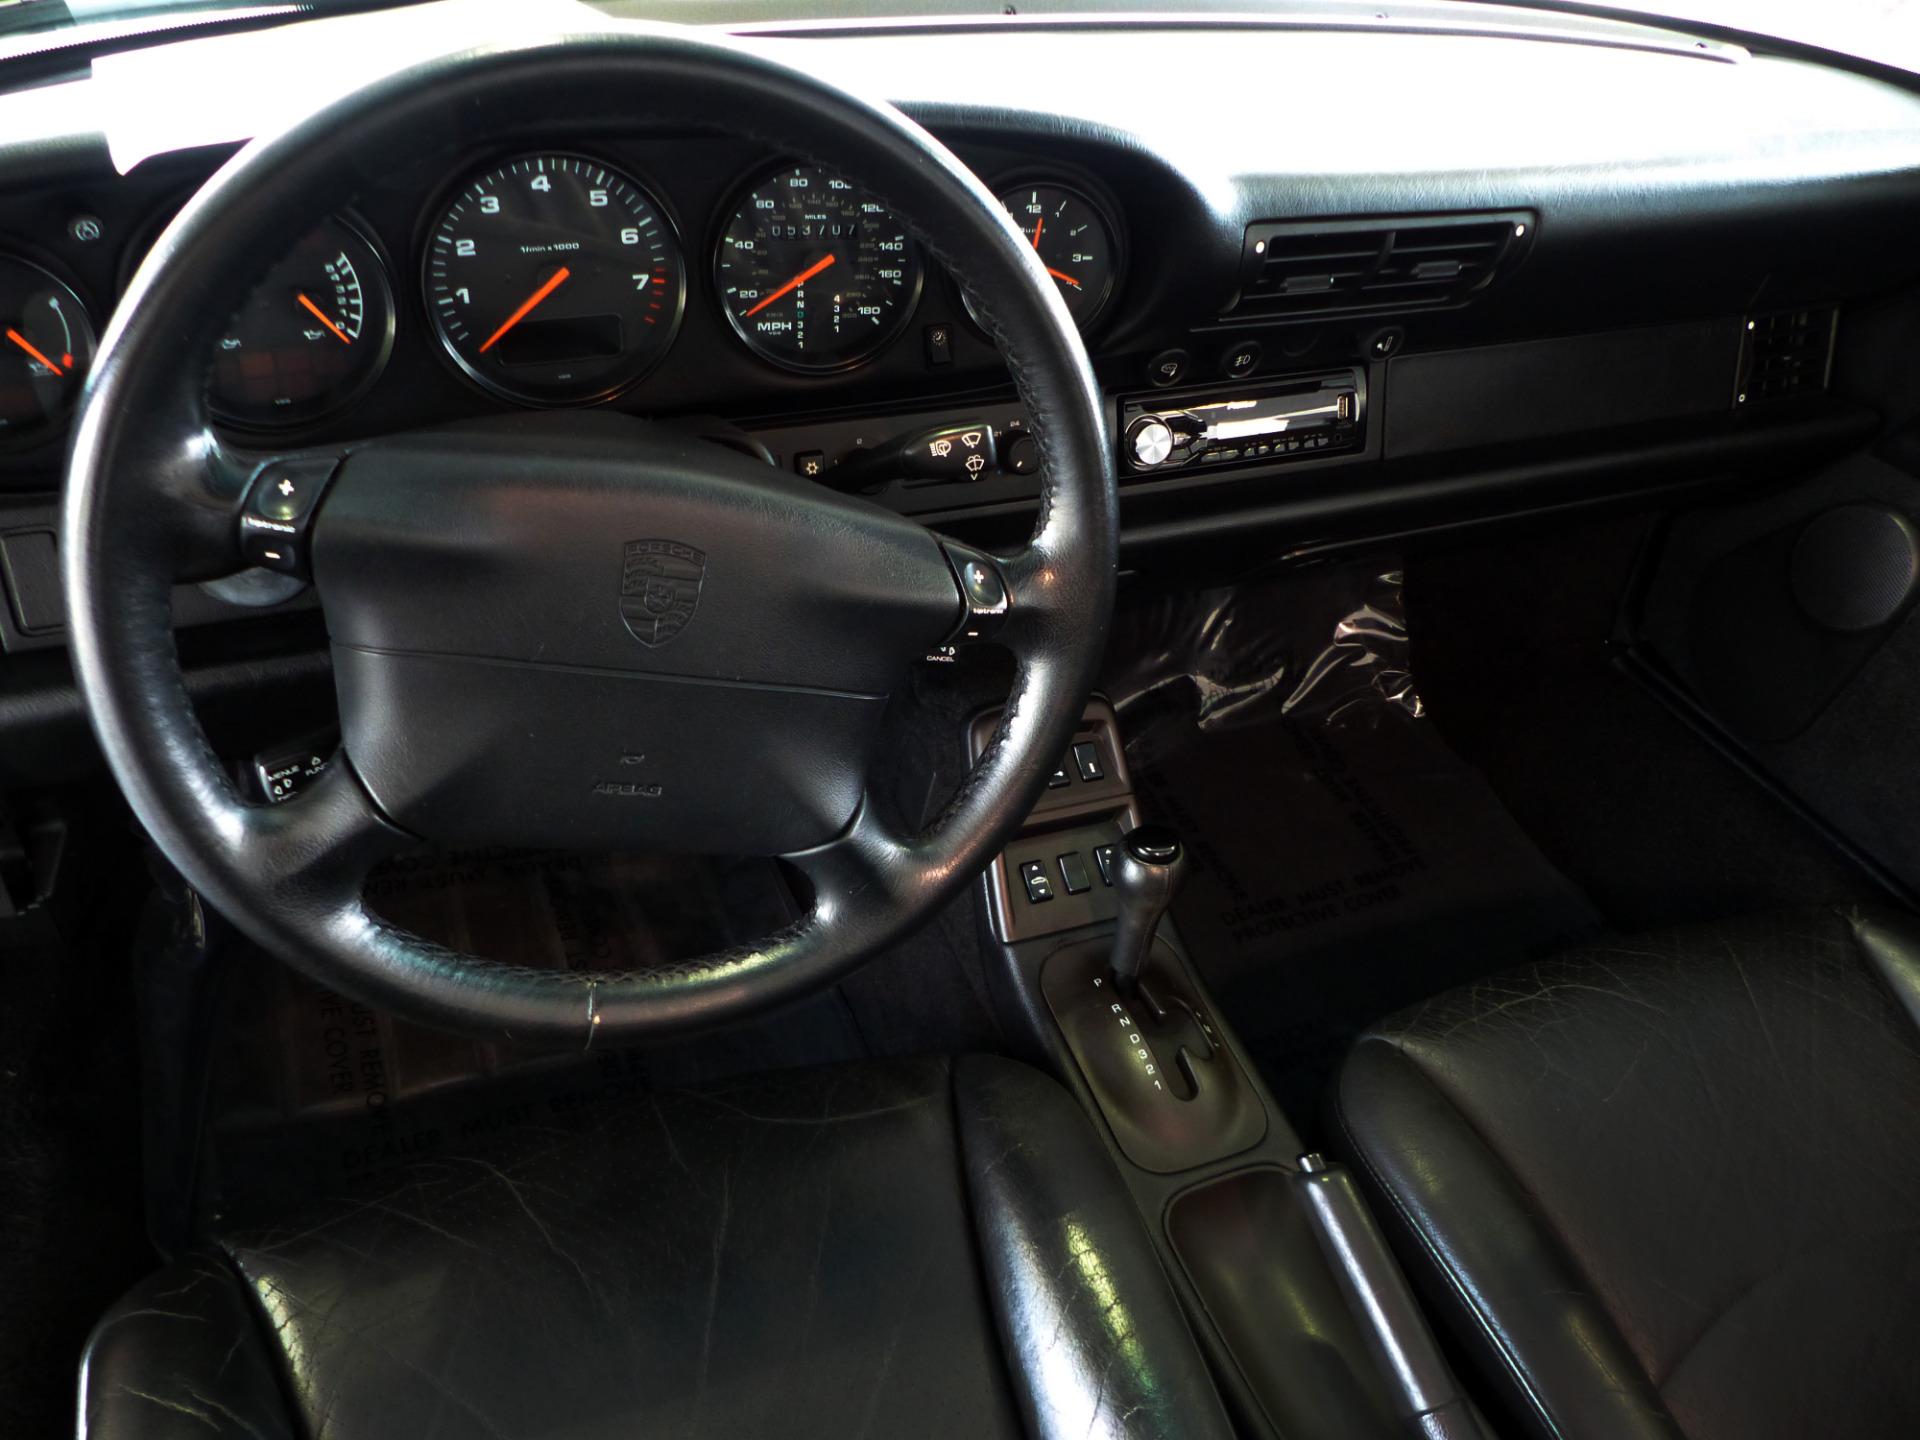 Used 1997 Porsche 911 Carrera Marietta Ga